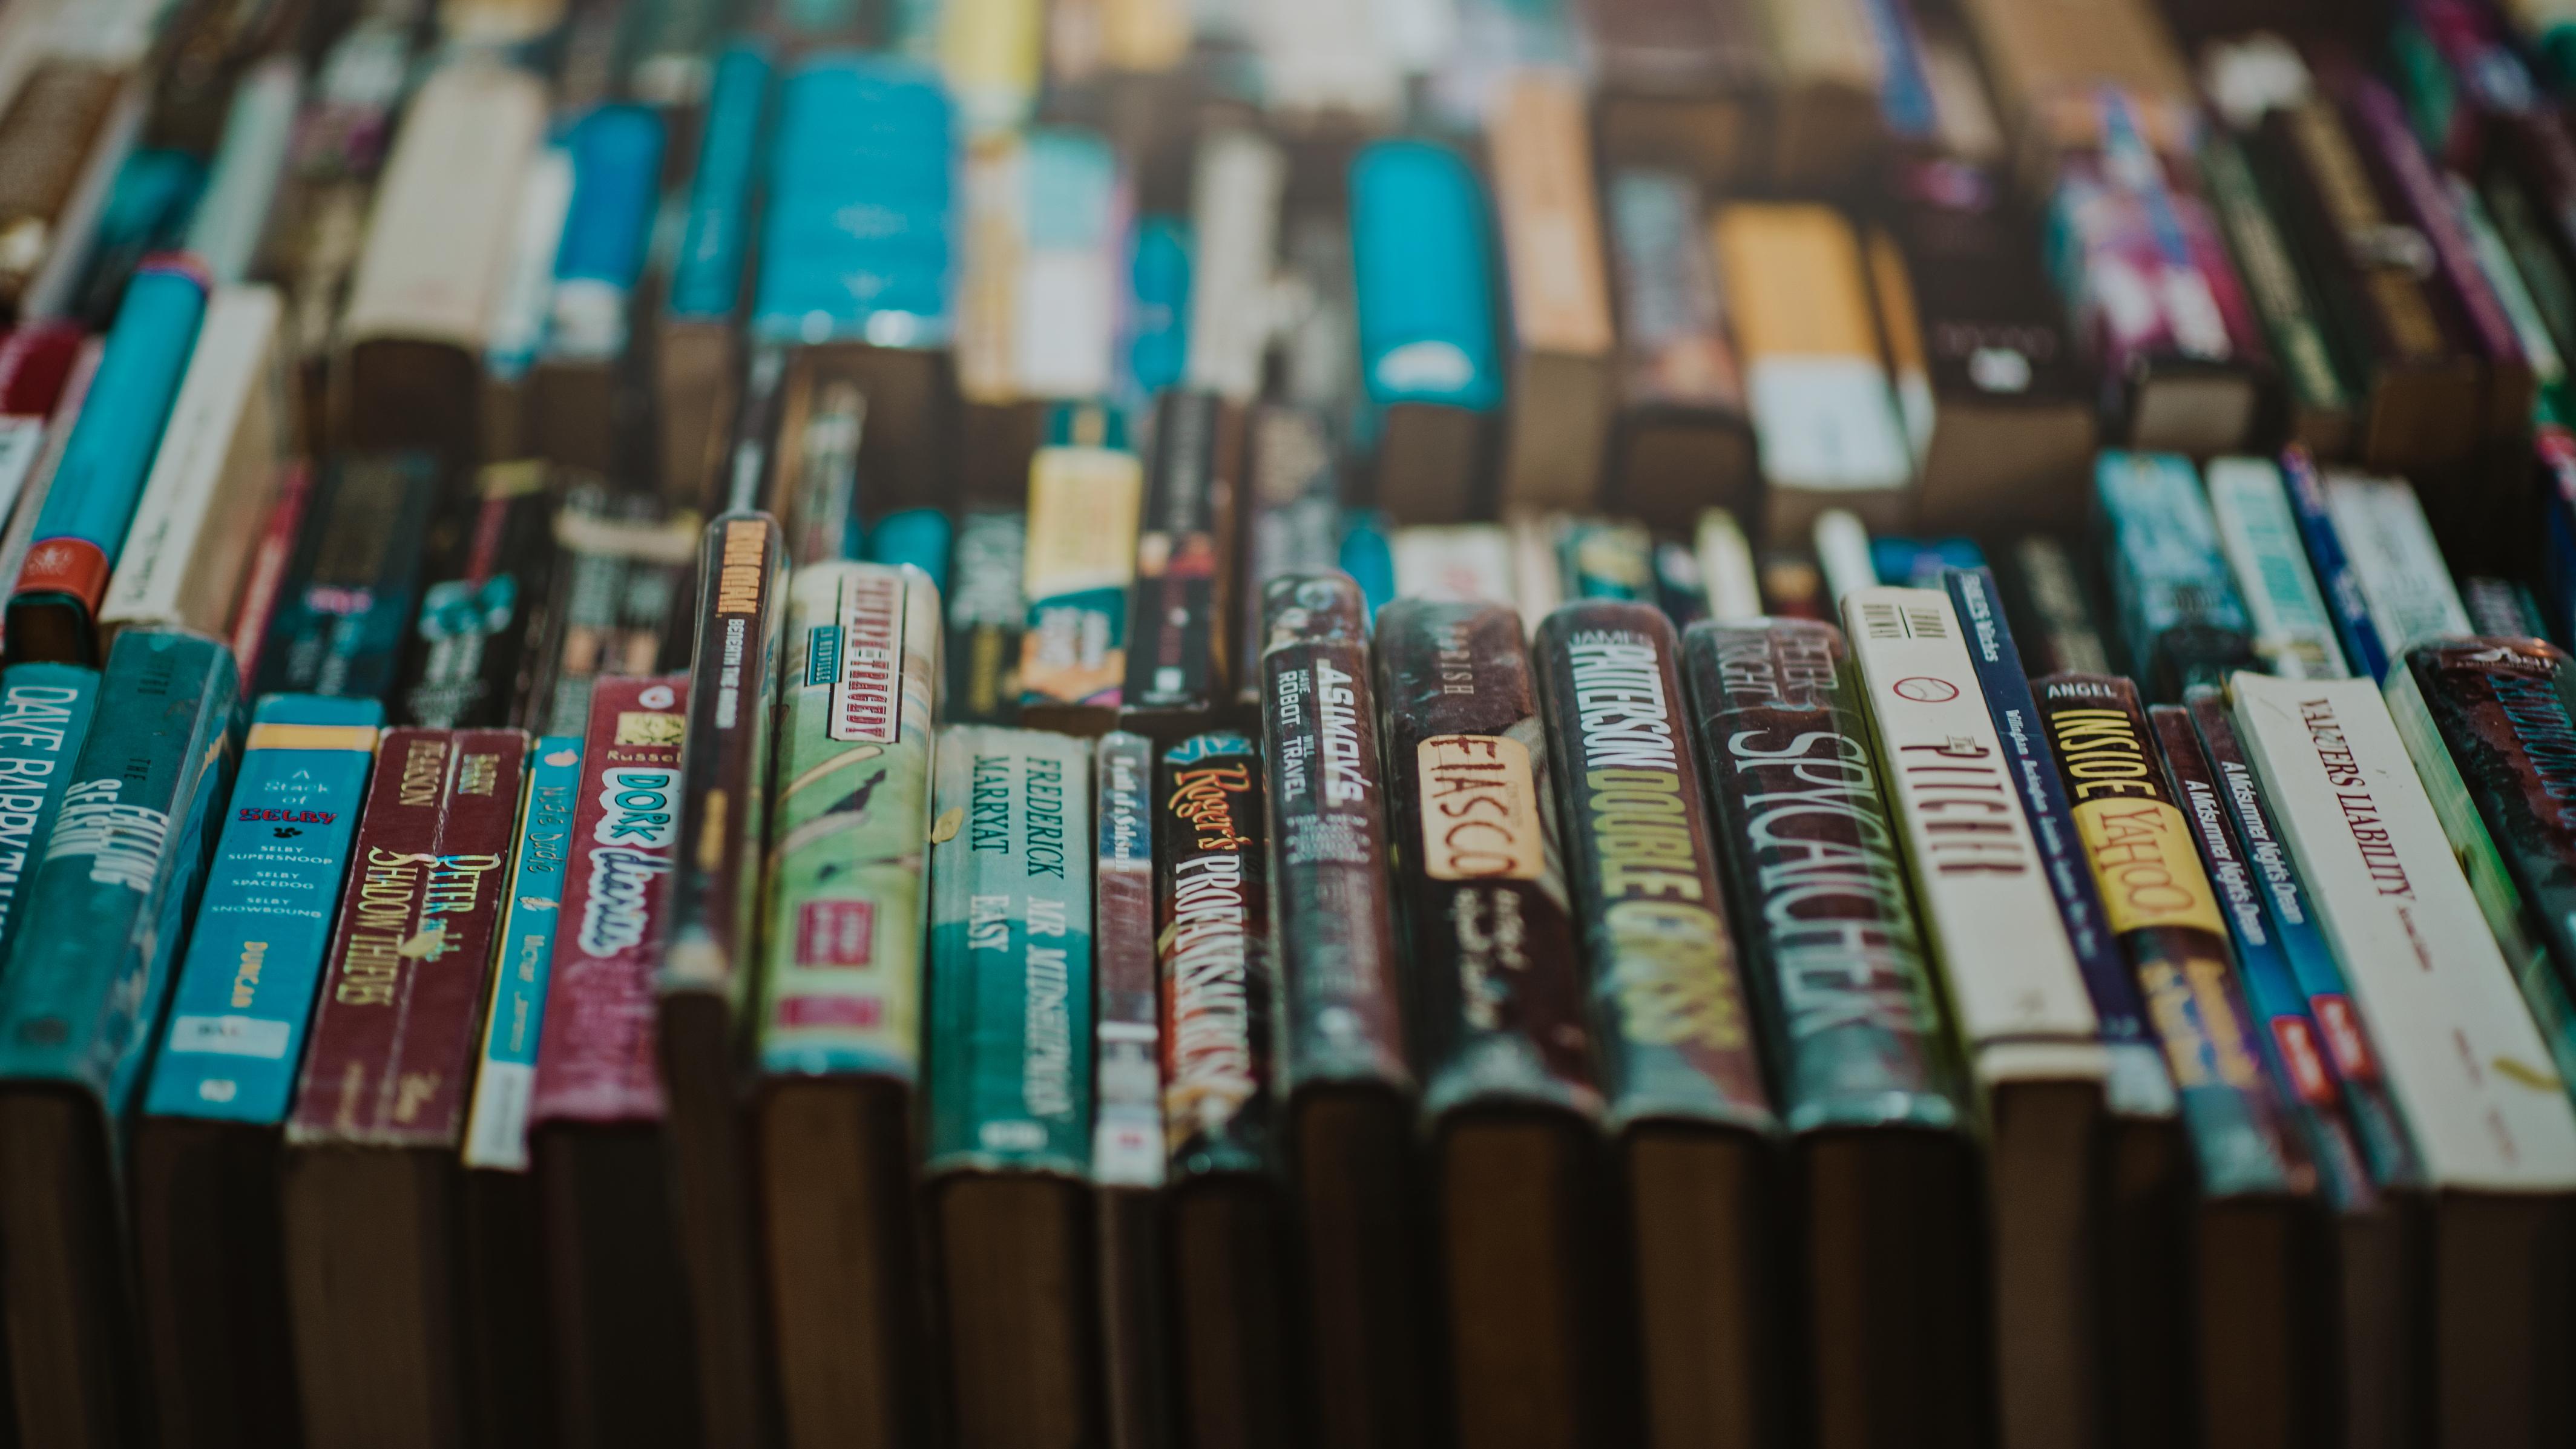 Gratis Afbeeldingen : overvloed, boekenkast, boeken, boekenwinkel ...